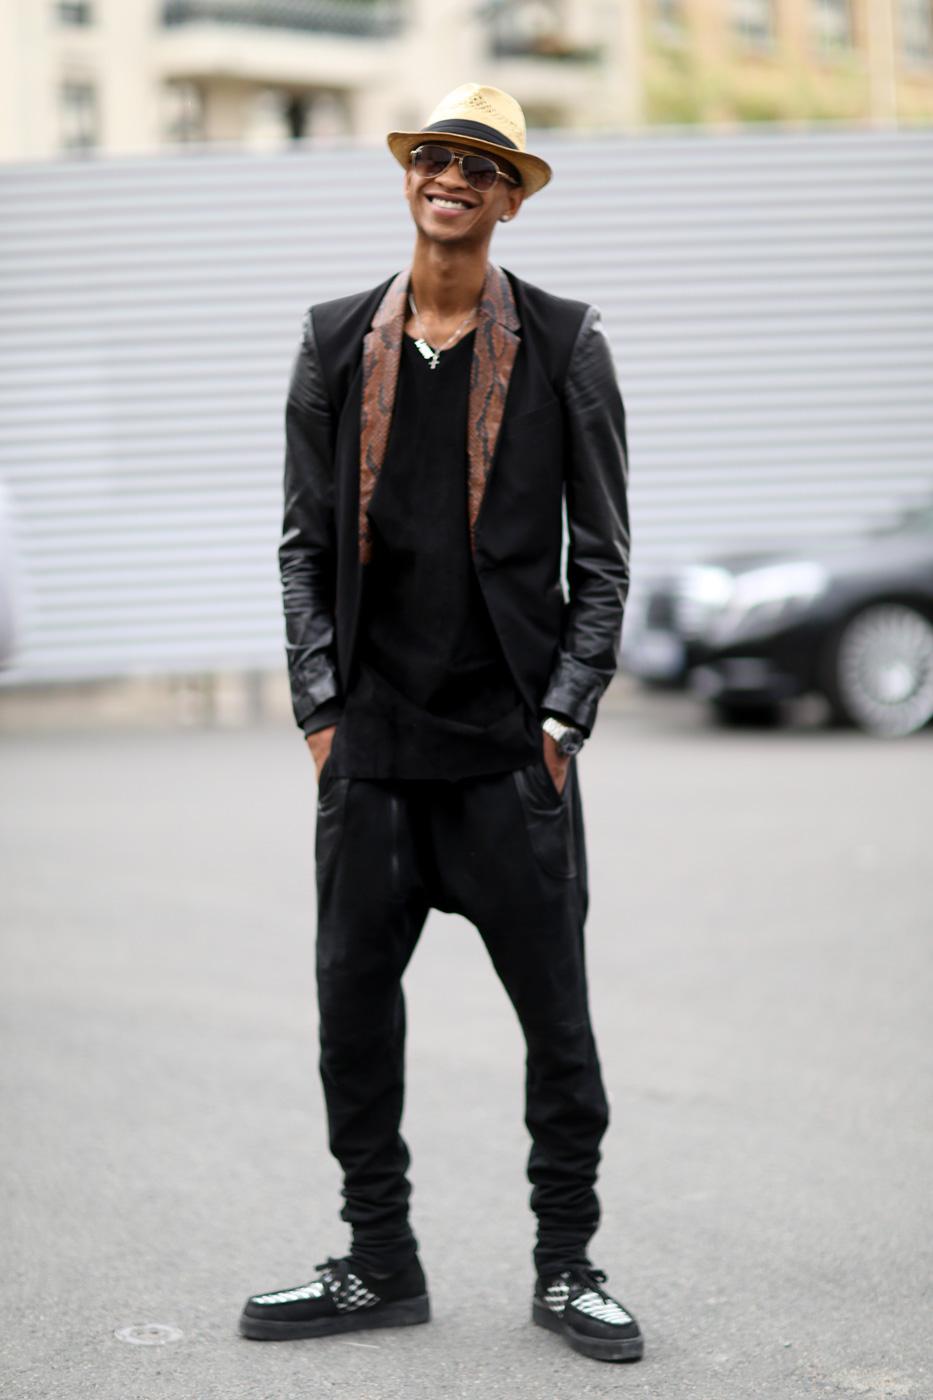 Mens Street Fashion 2014 The Image Kid